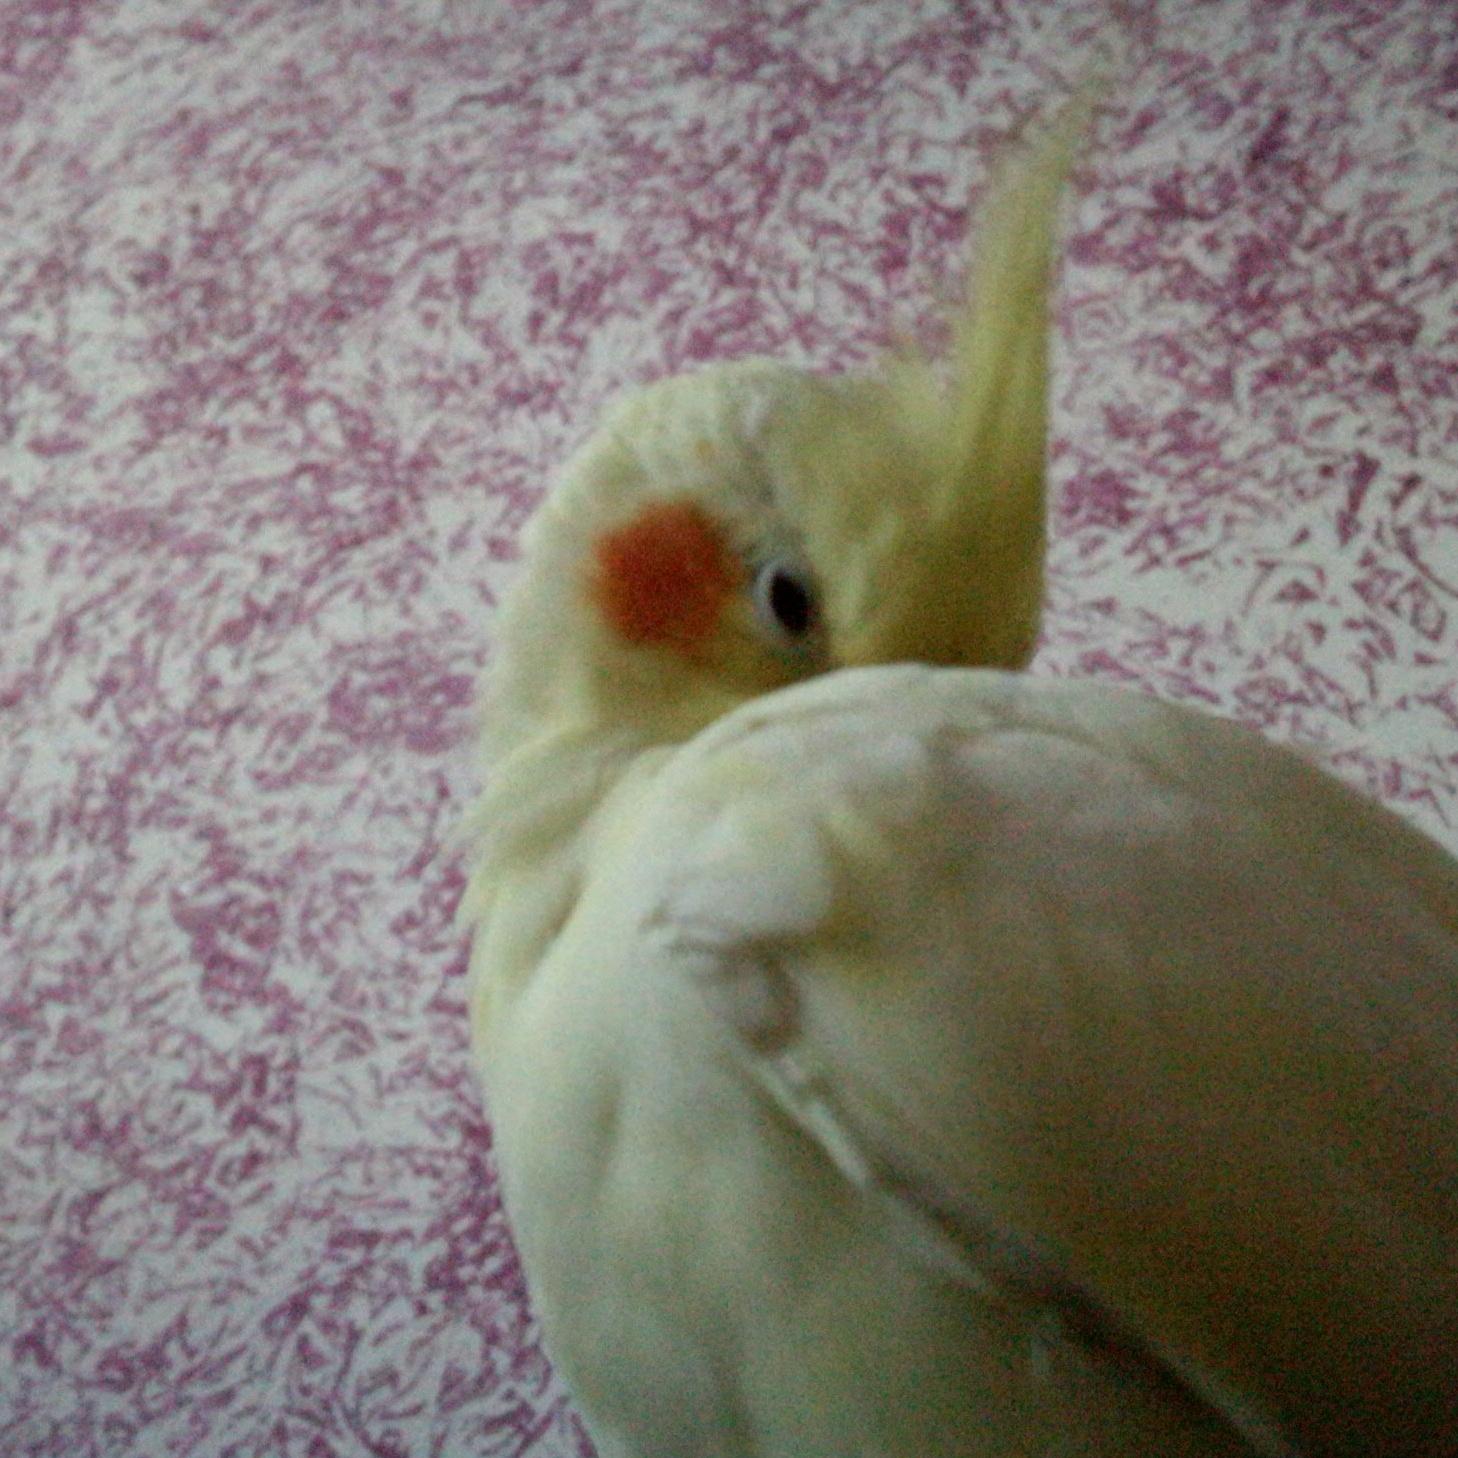 pappagallo sito di incontri